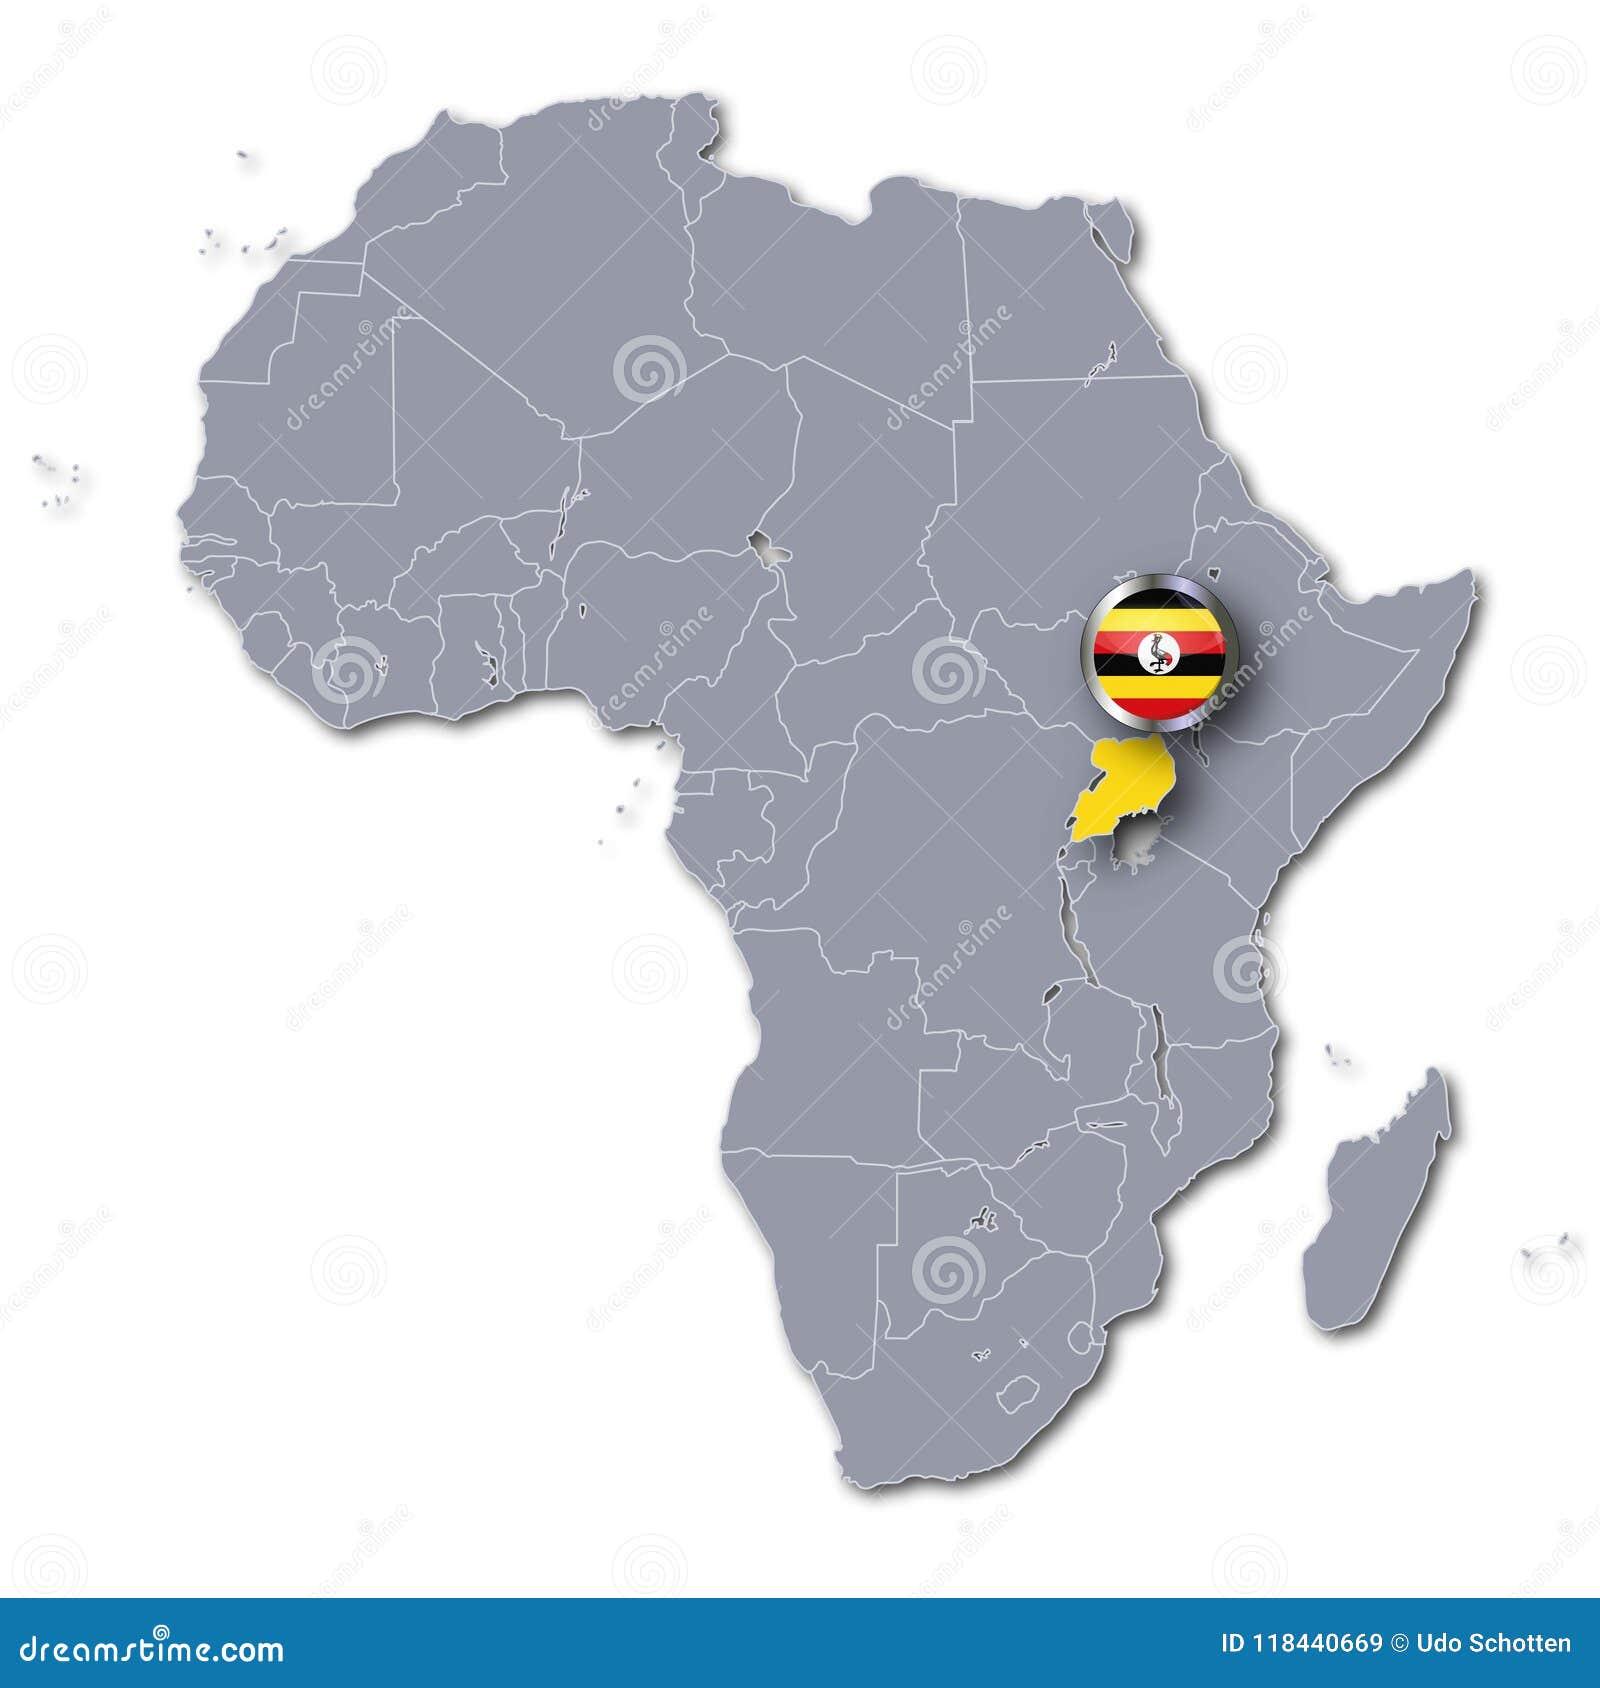 Carte Afrique Ouganda.Carte De L Afrique Avec L Ouganda Illustration Stock